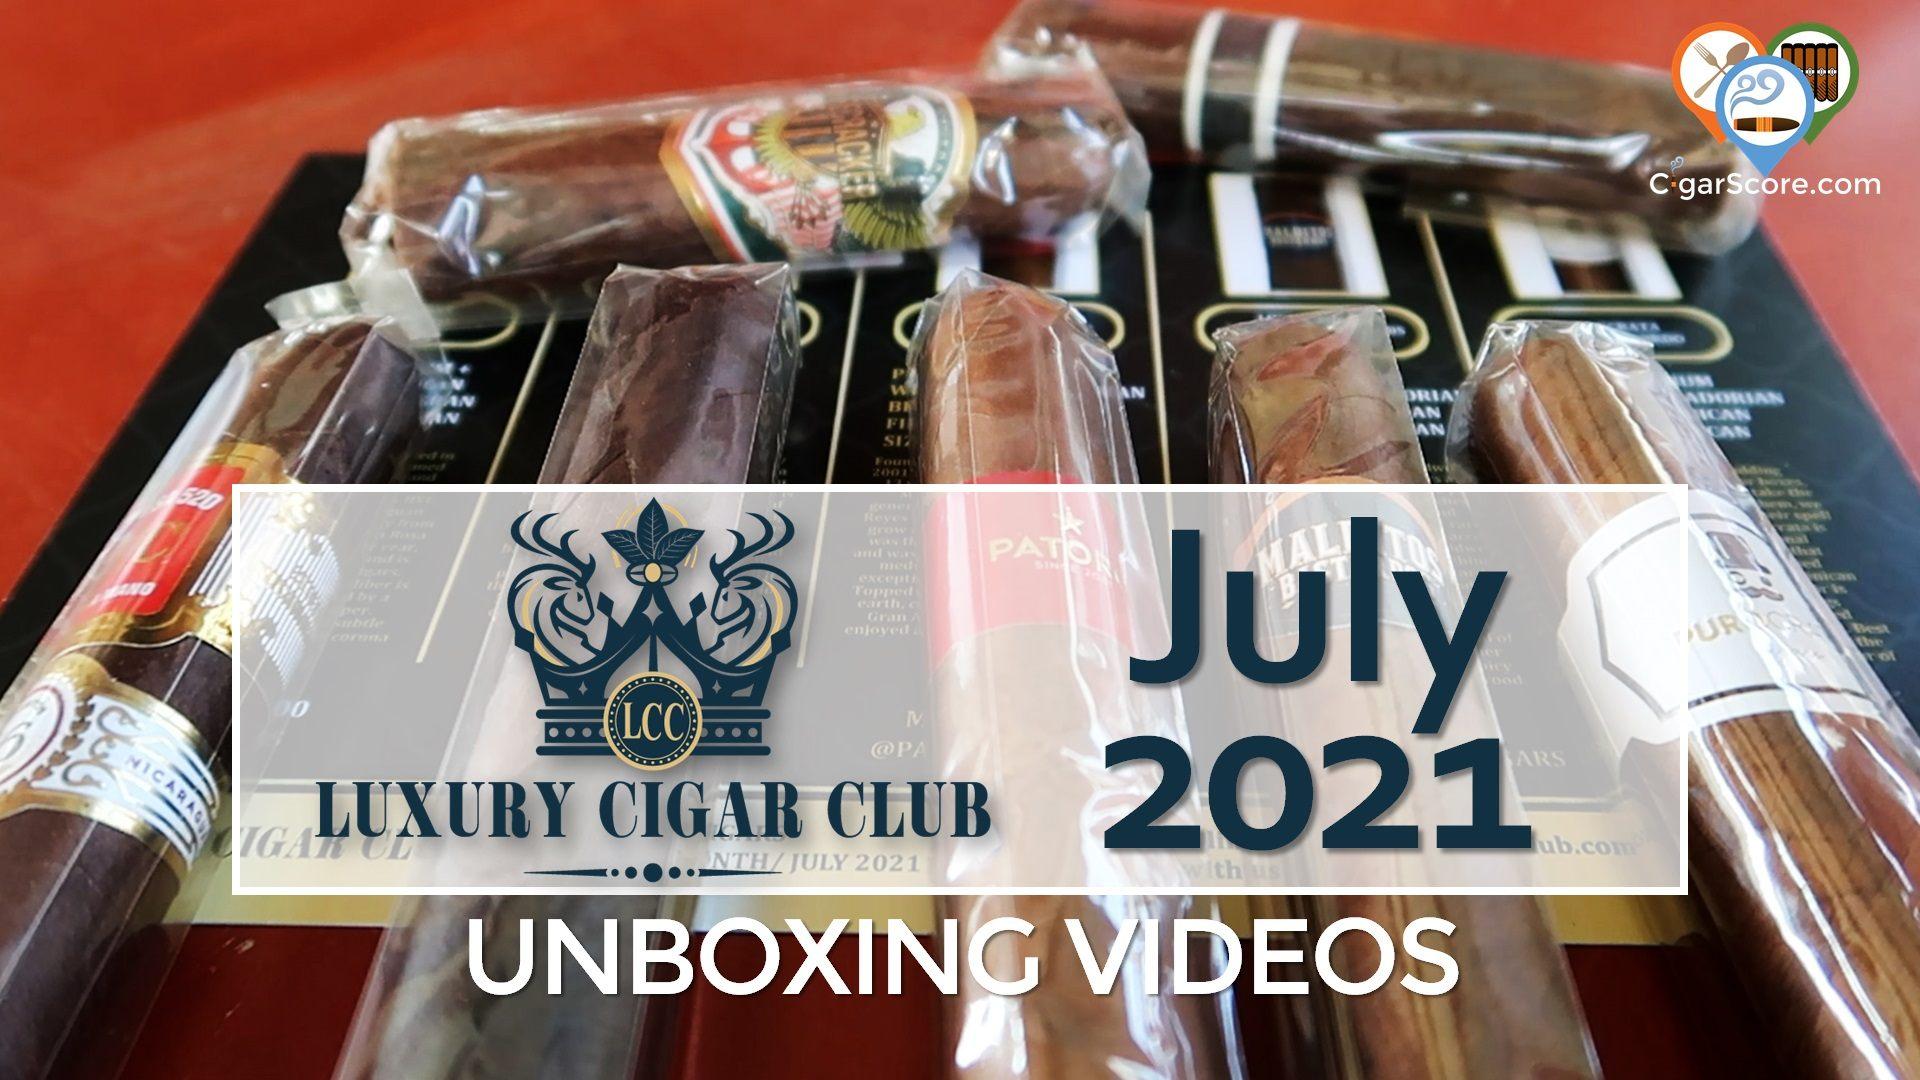 Unboxing - Luxury Cigar Club 2021 July